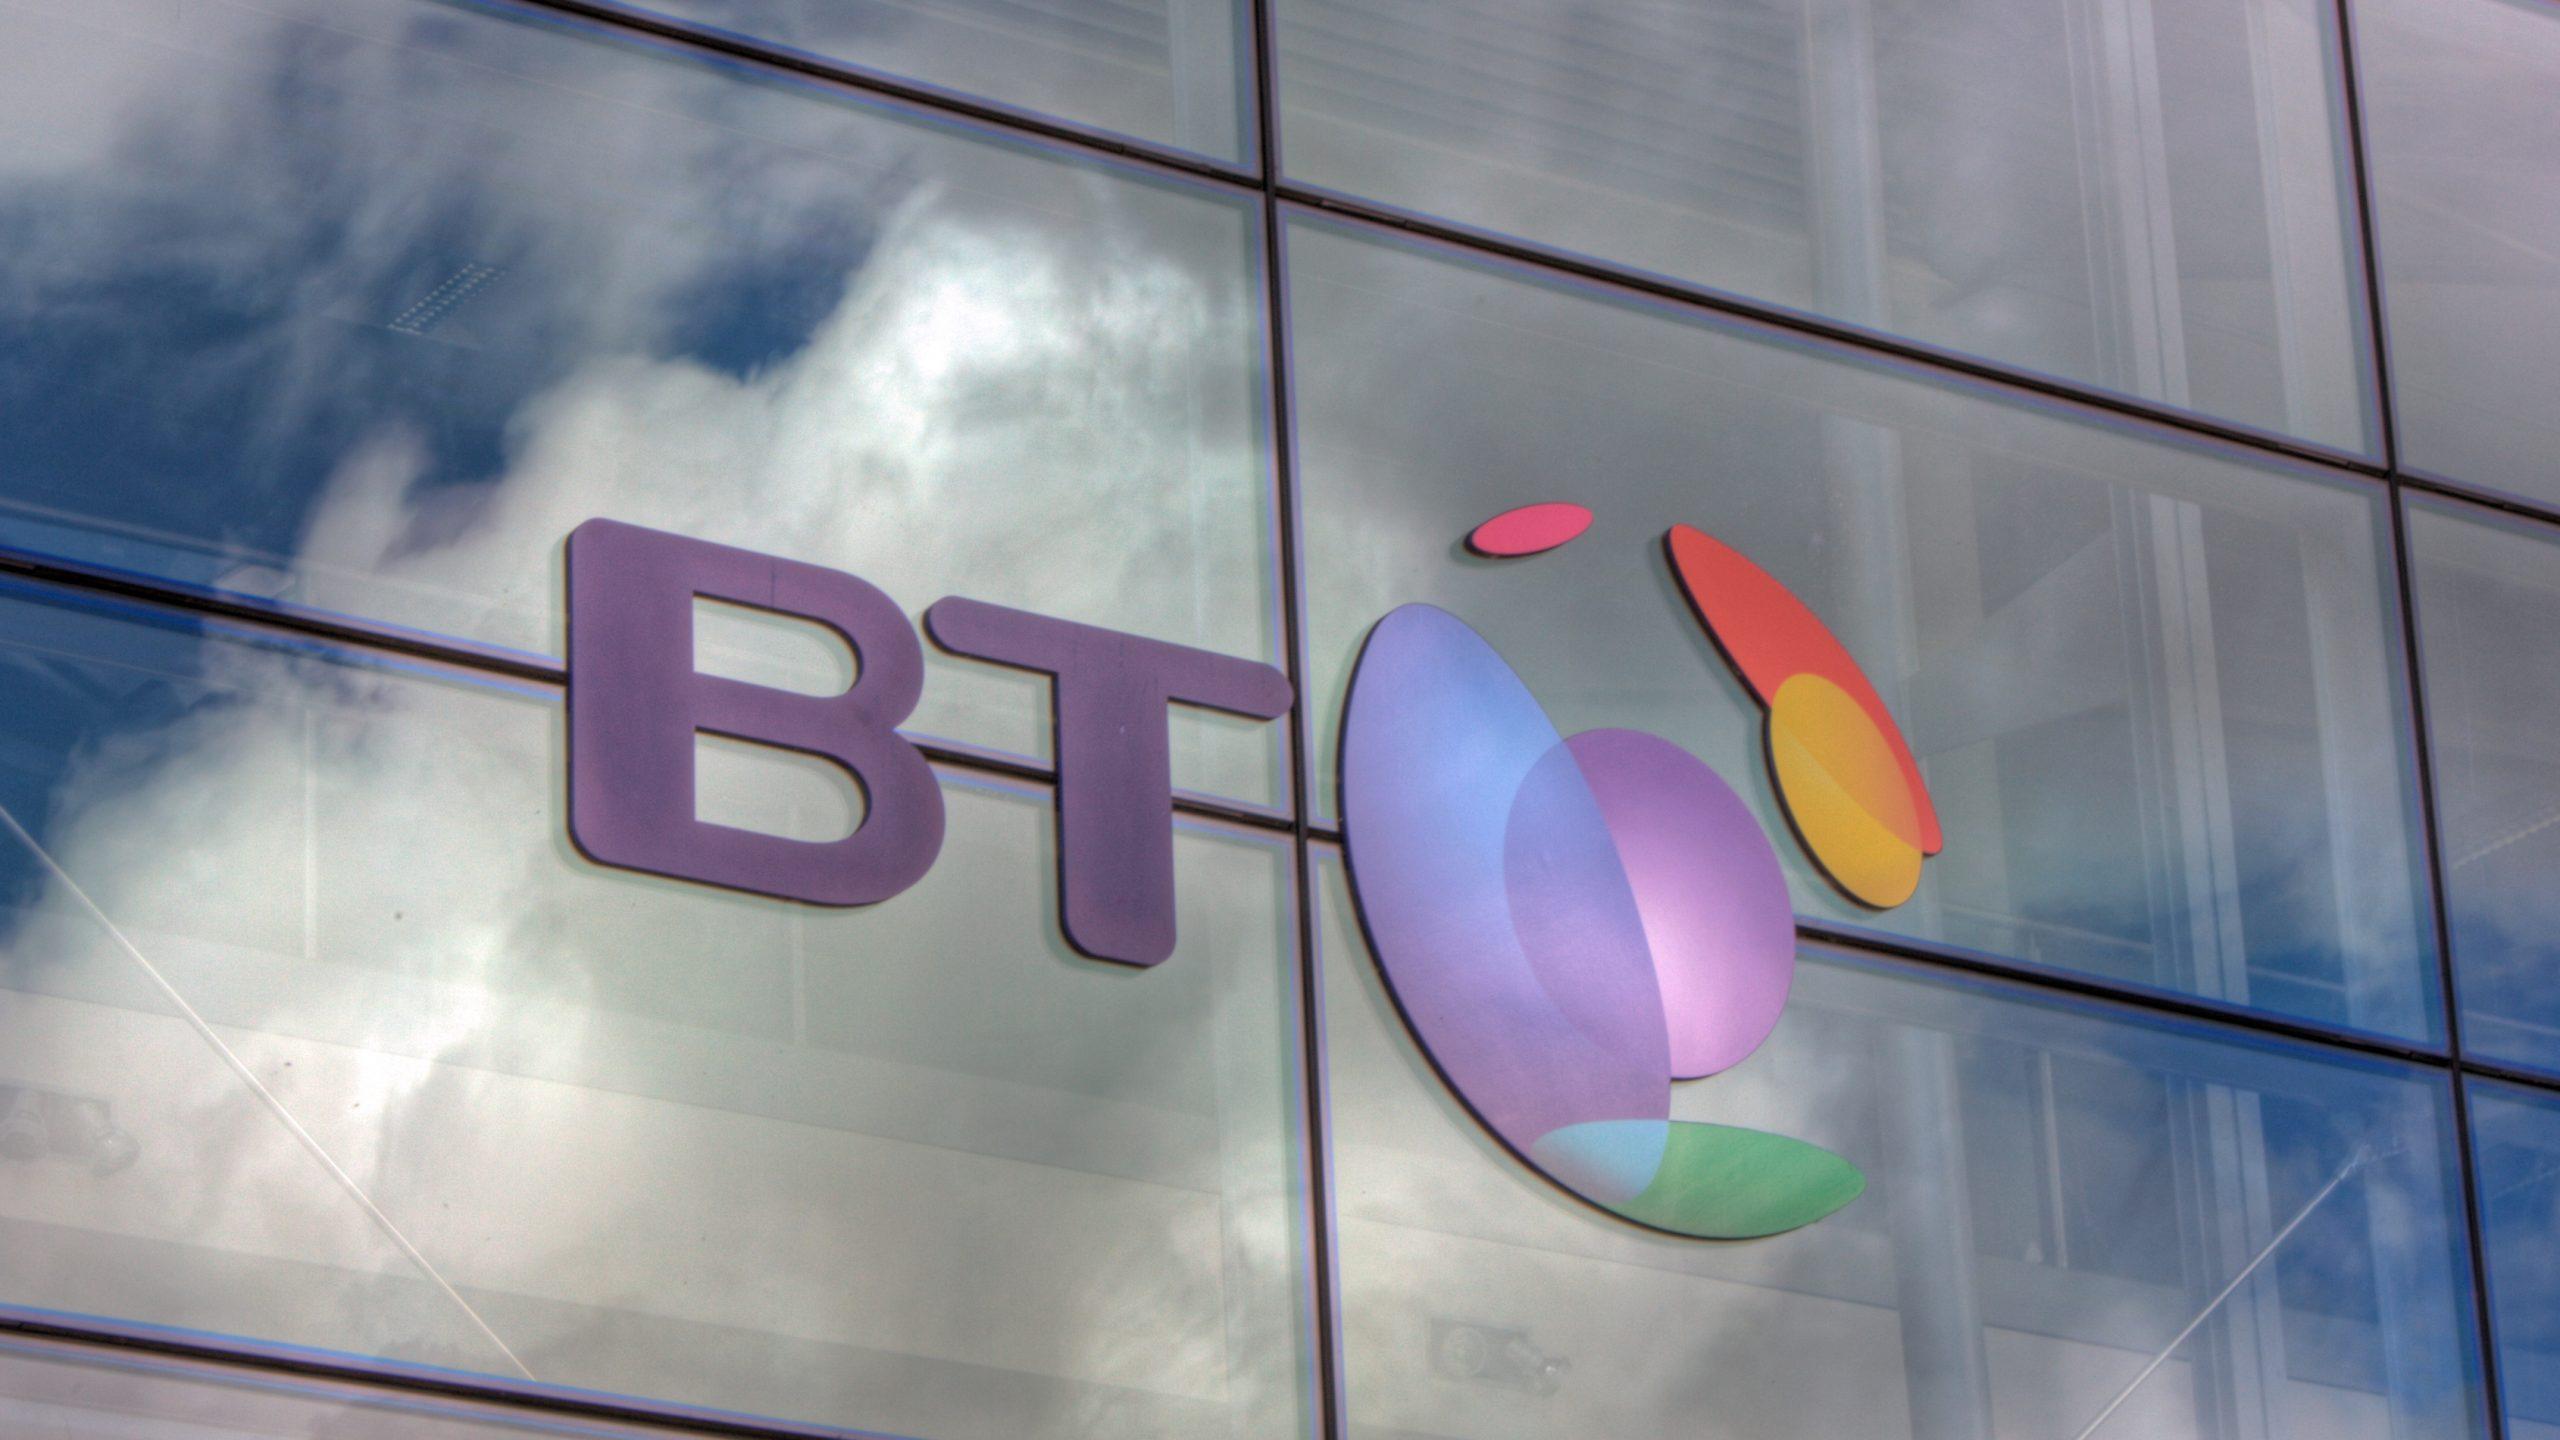 A fusão BT / EE criaria um pesadelo no atendimento ao cliente